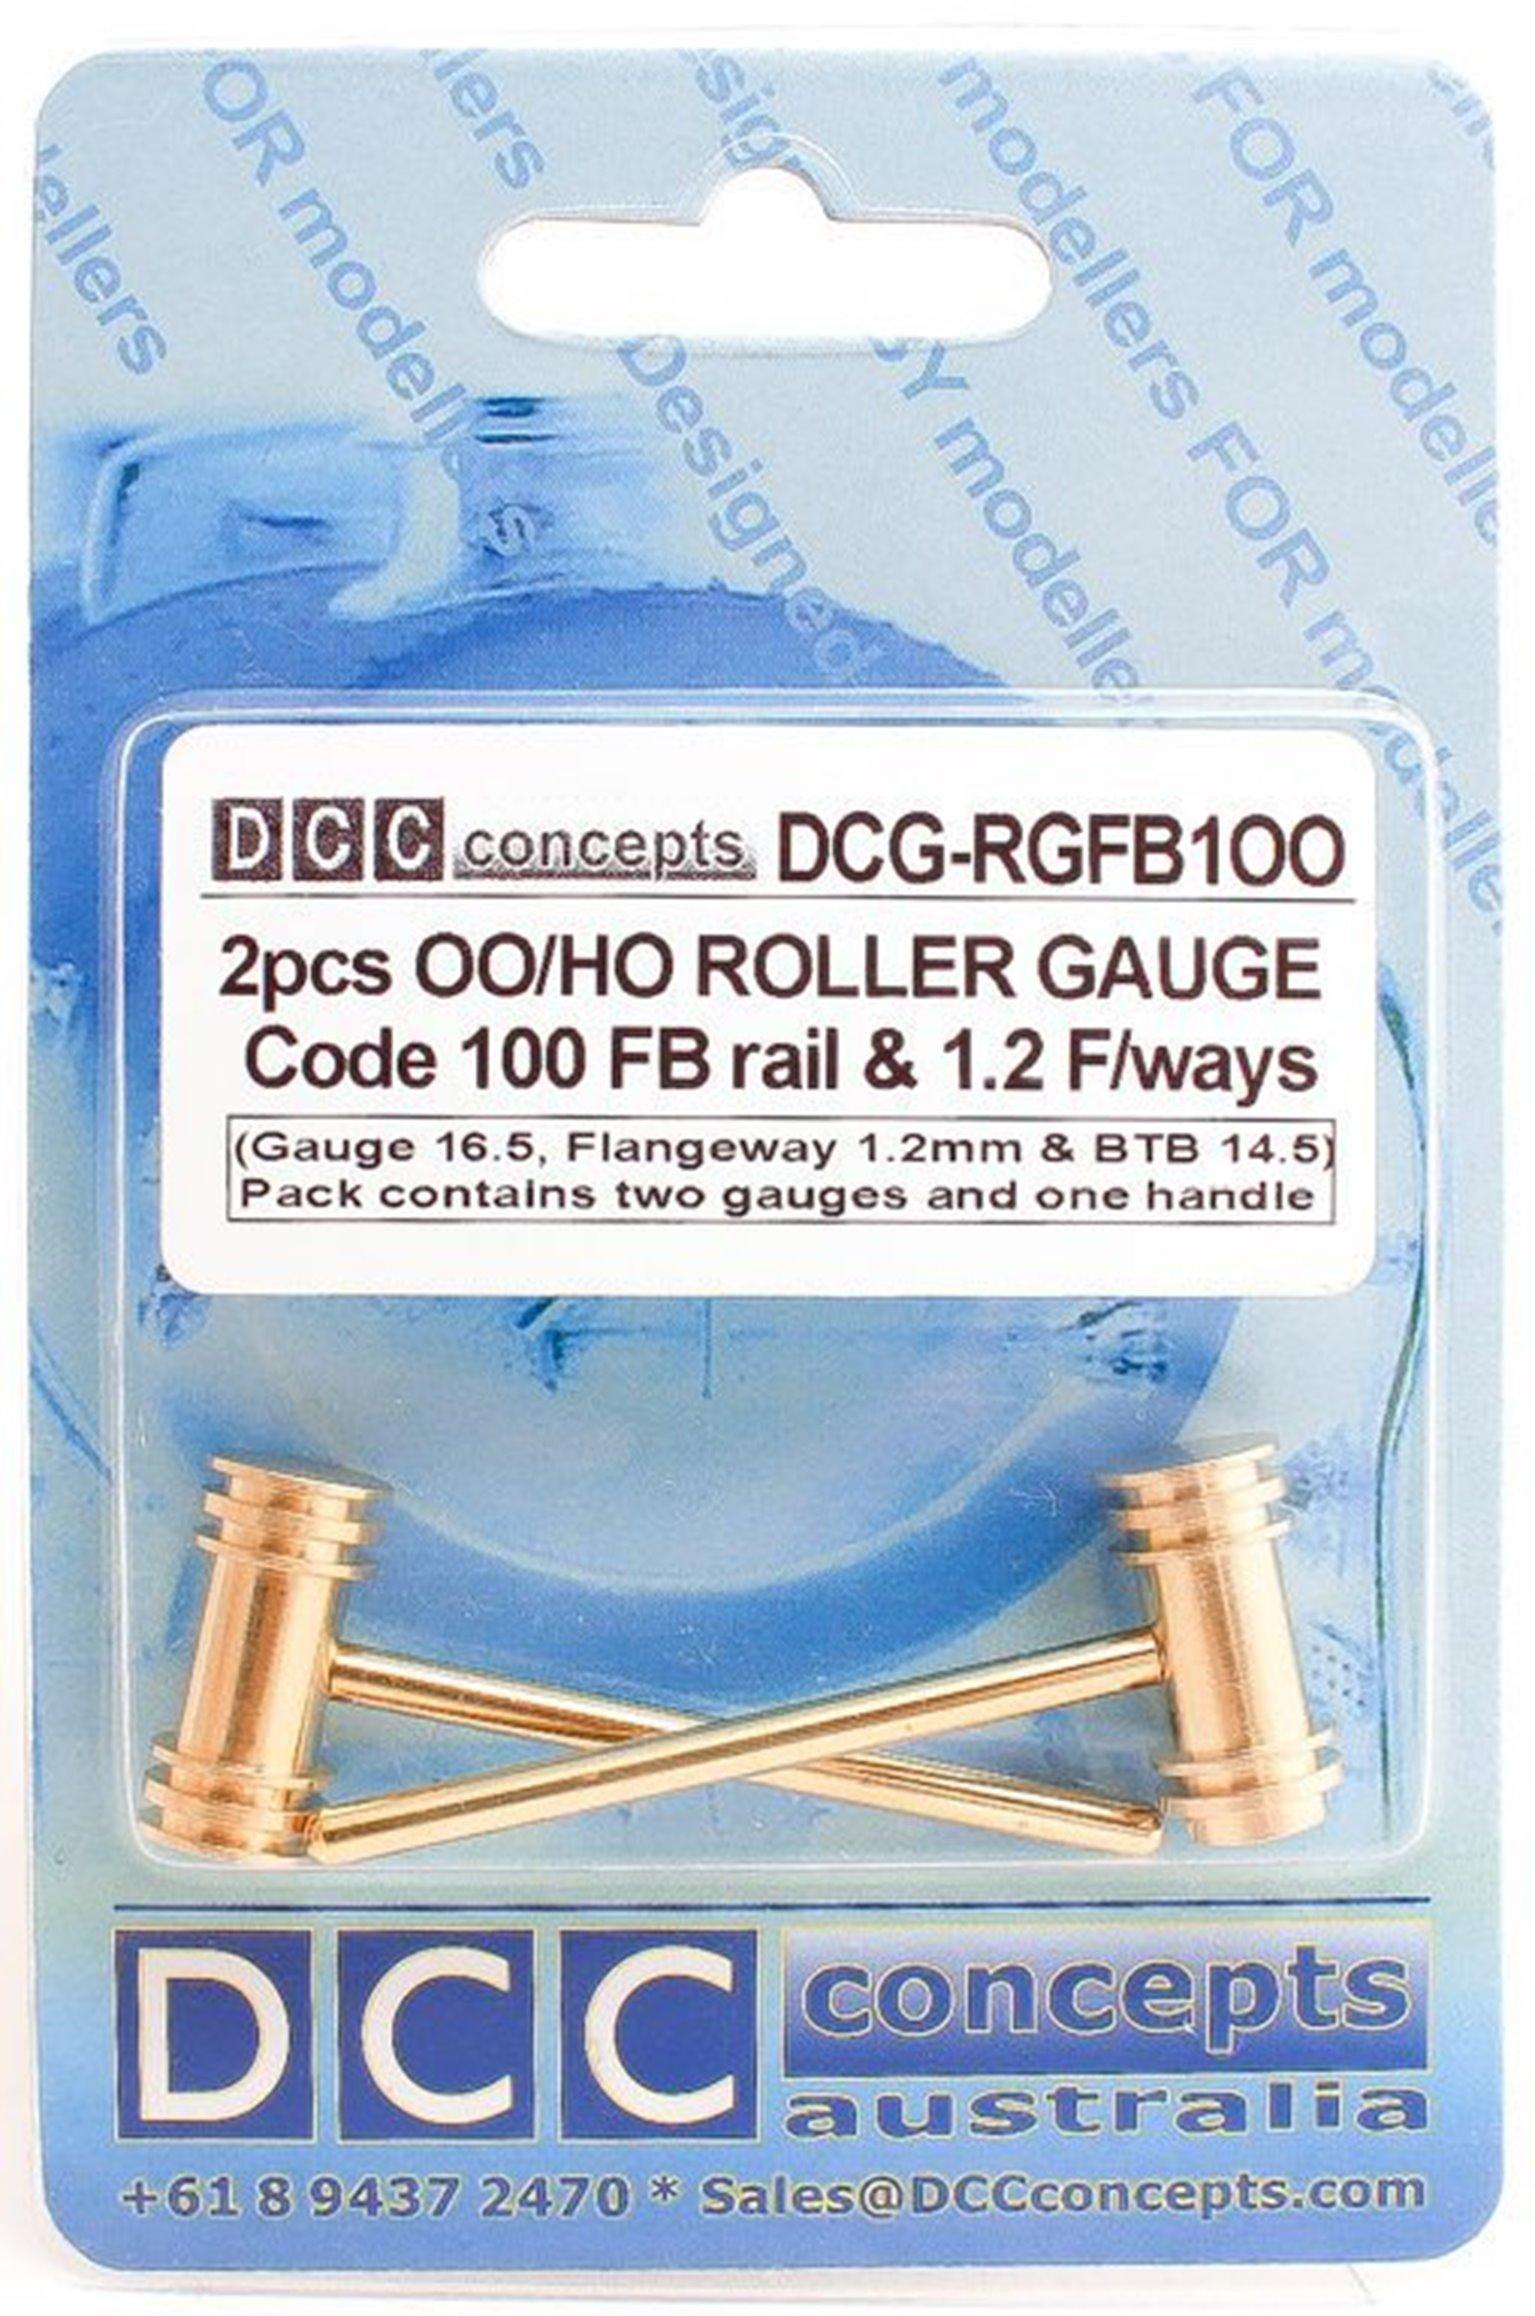 Roller Gauge (w/handle) OO/HO (Standard) 16.5mm FB (2 Pack)